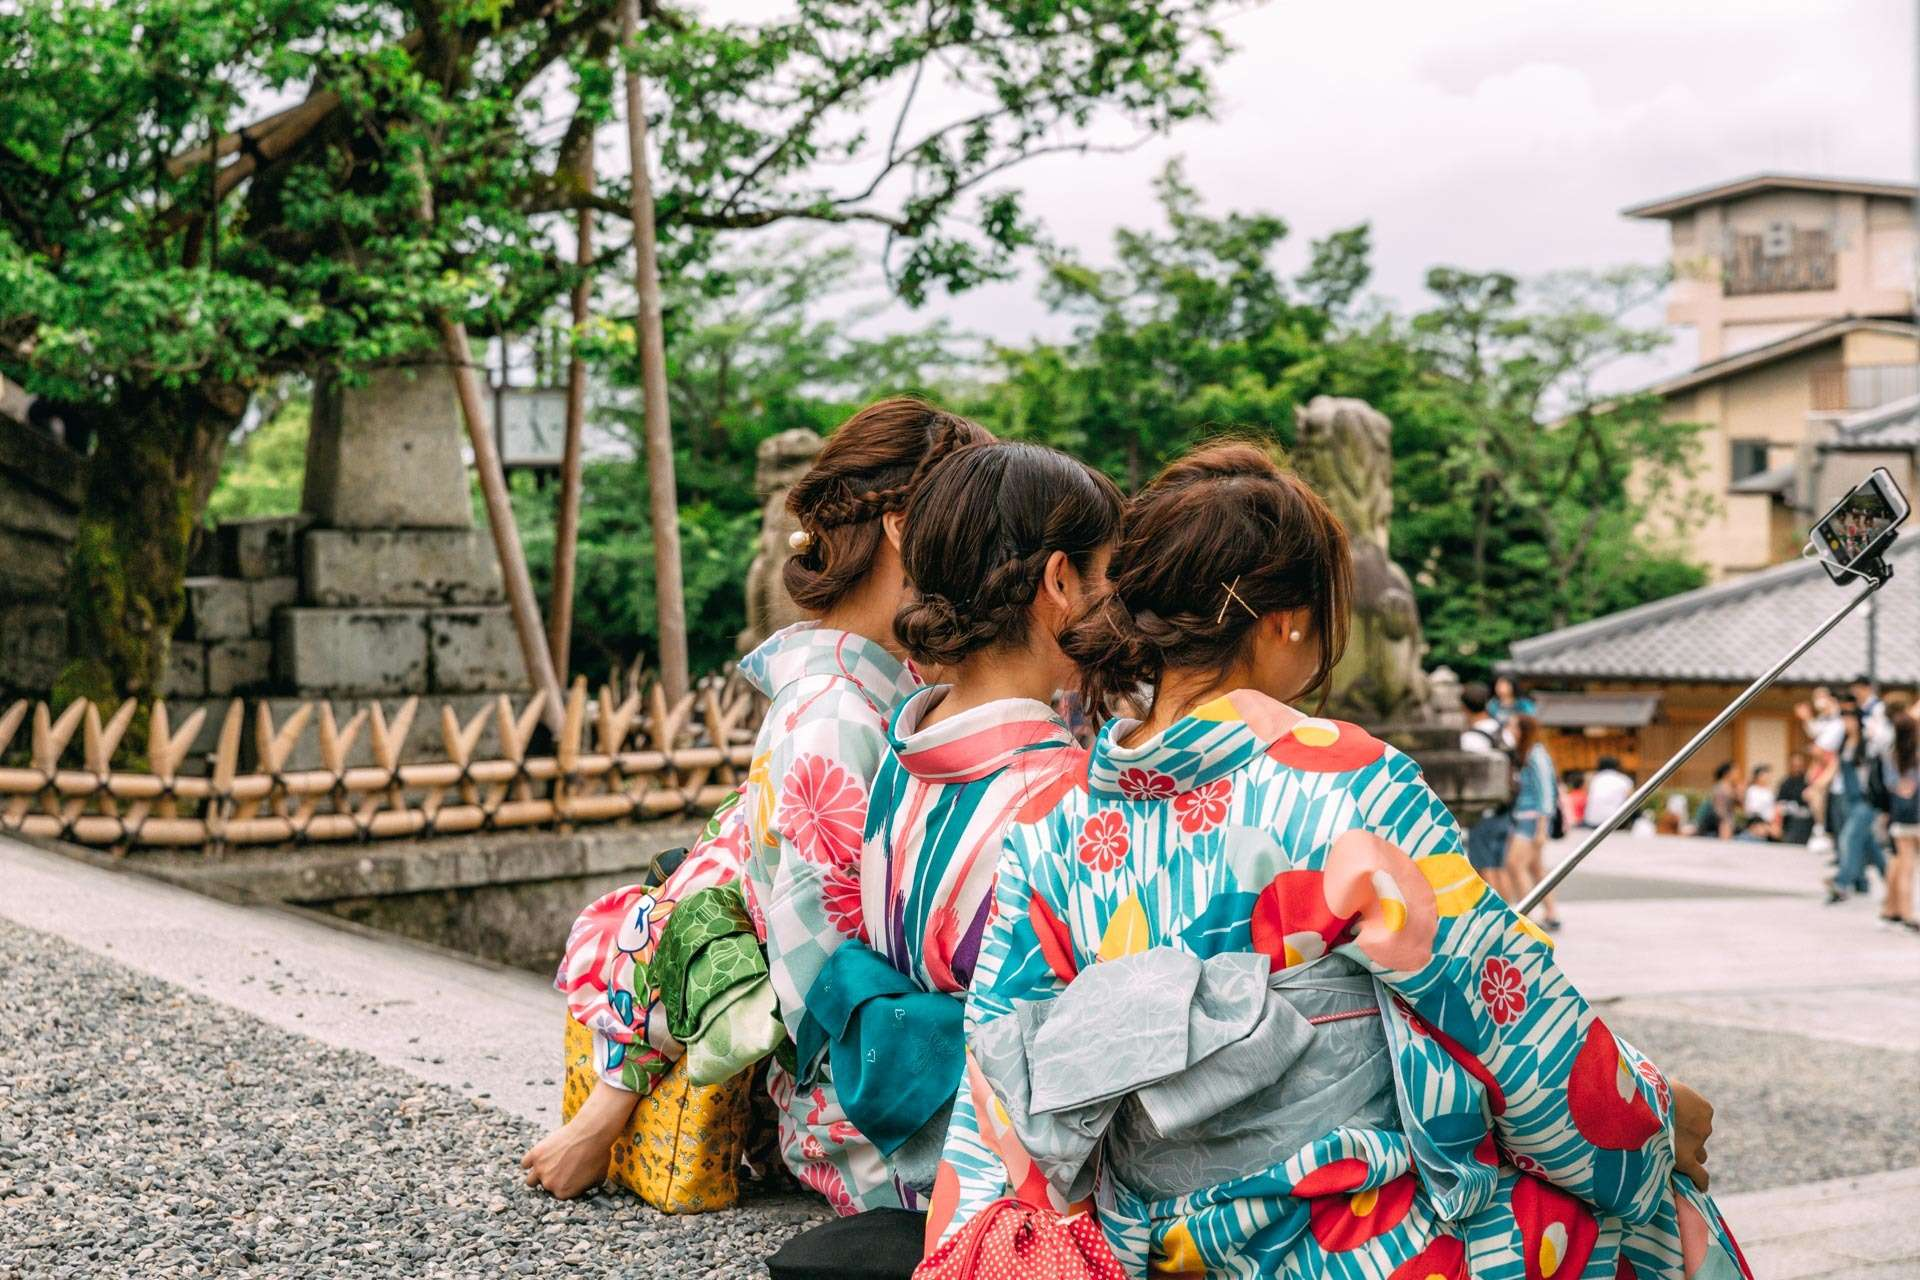 Mange kvinder ynder at klæde sig ud og gøre sig fine i kimonos for derefter at besøge seværdigheder - og tage masser af selfies.